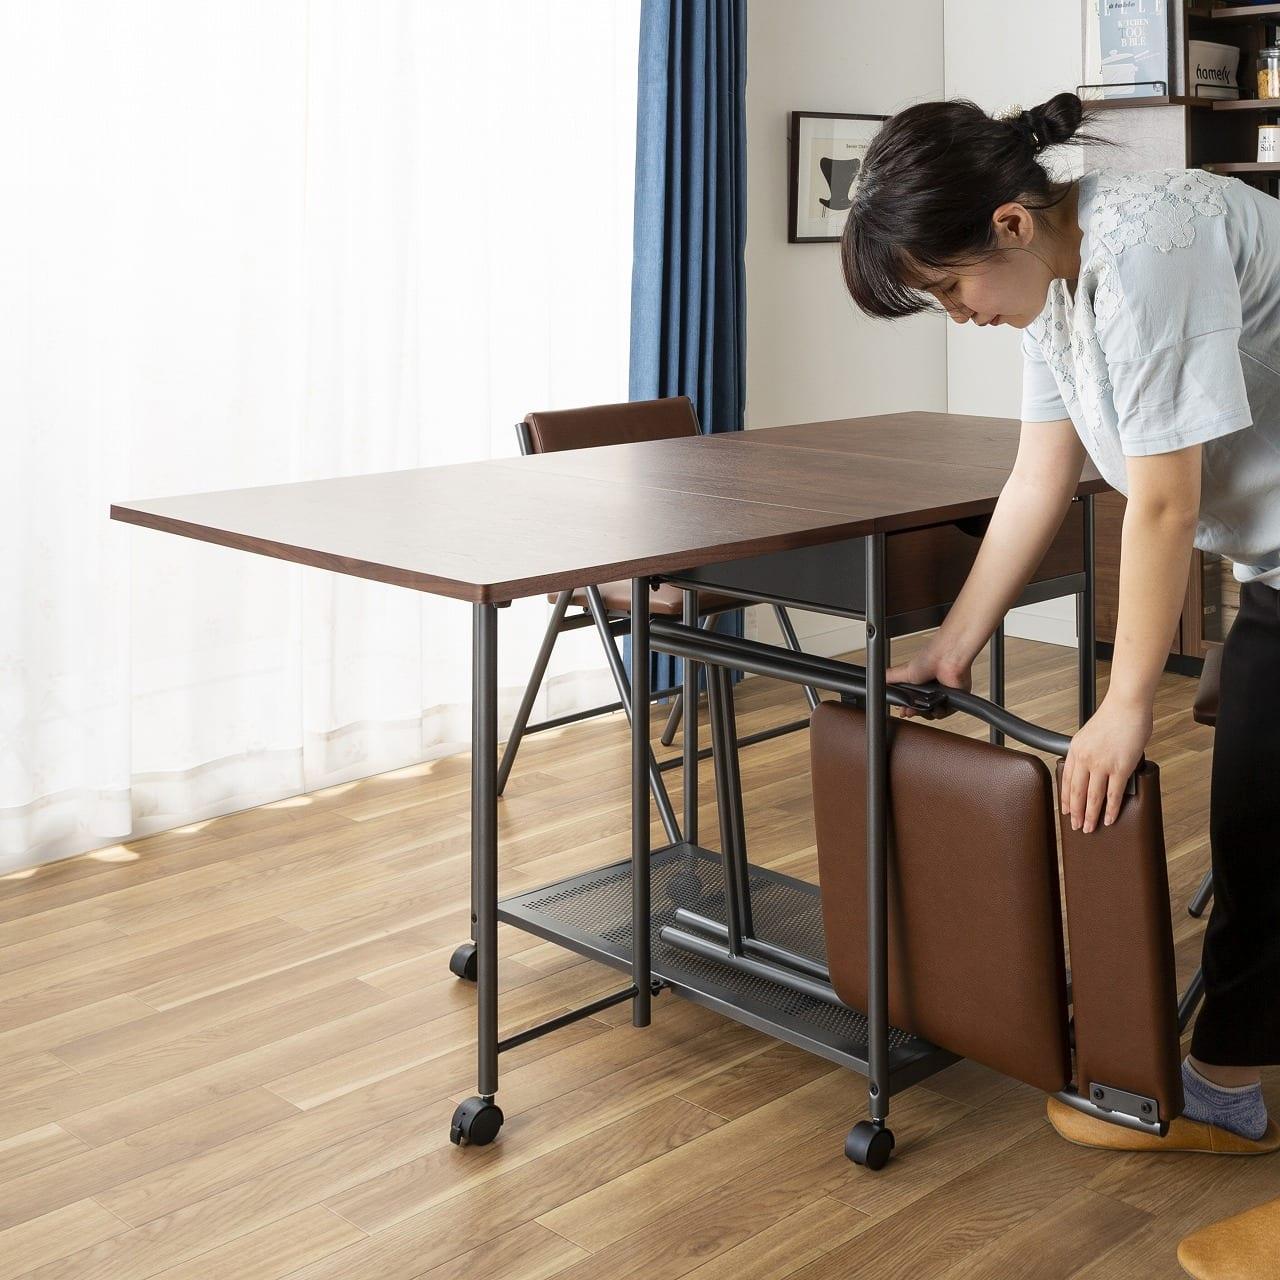 バタフライテーブル レイズ OAK:専用のチェアが収納できる!